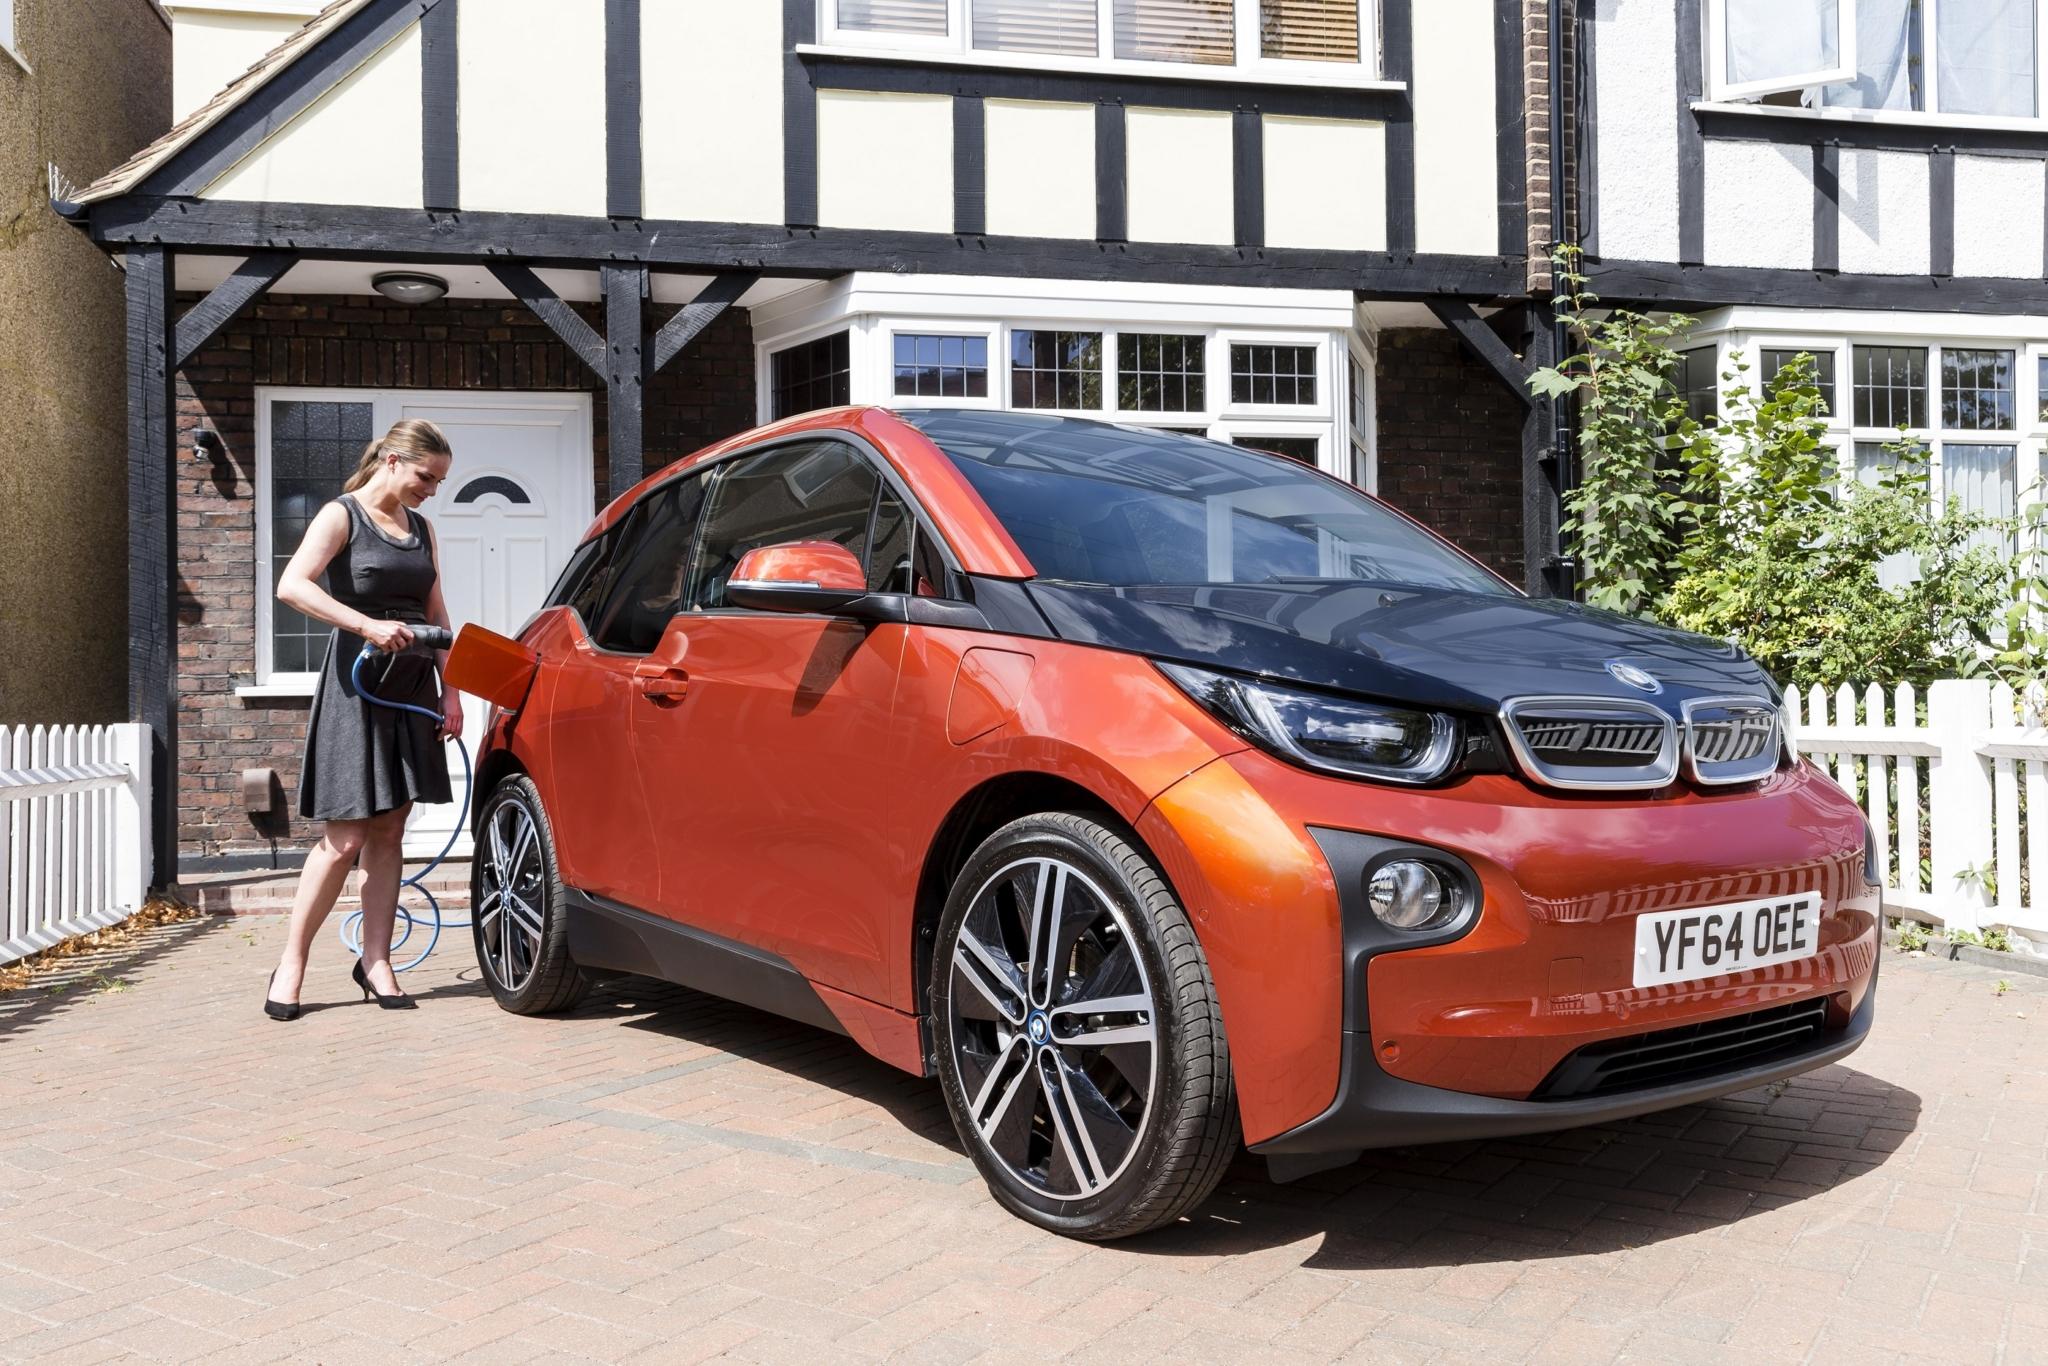 Survey shows retailers optimistic about future EV product range